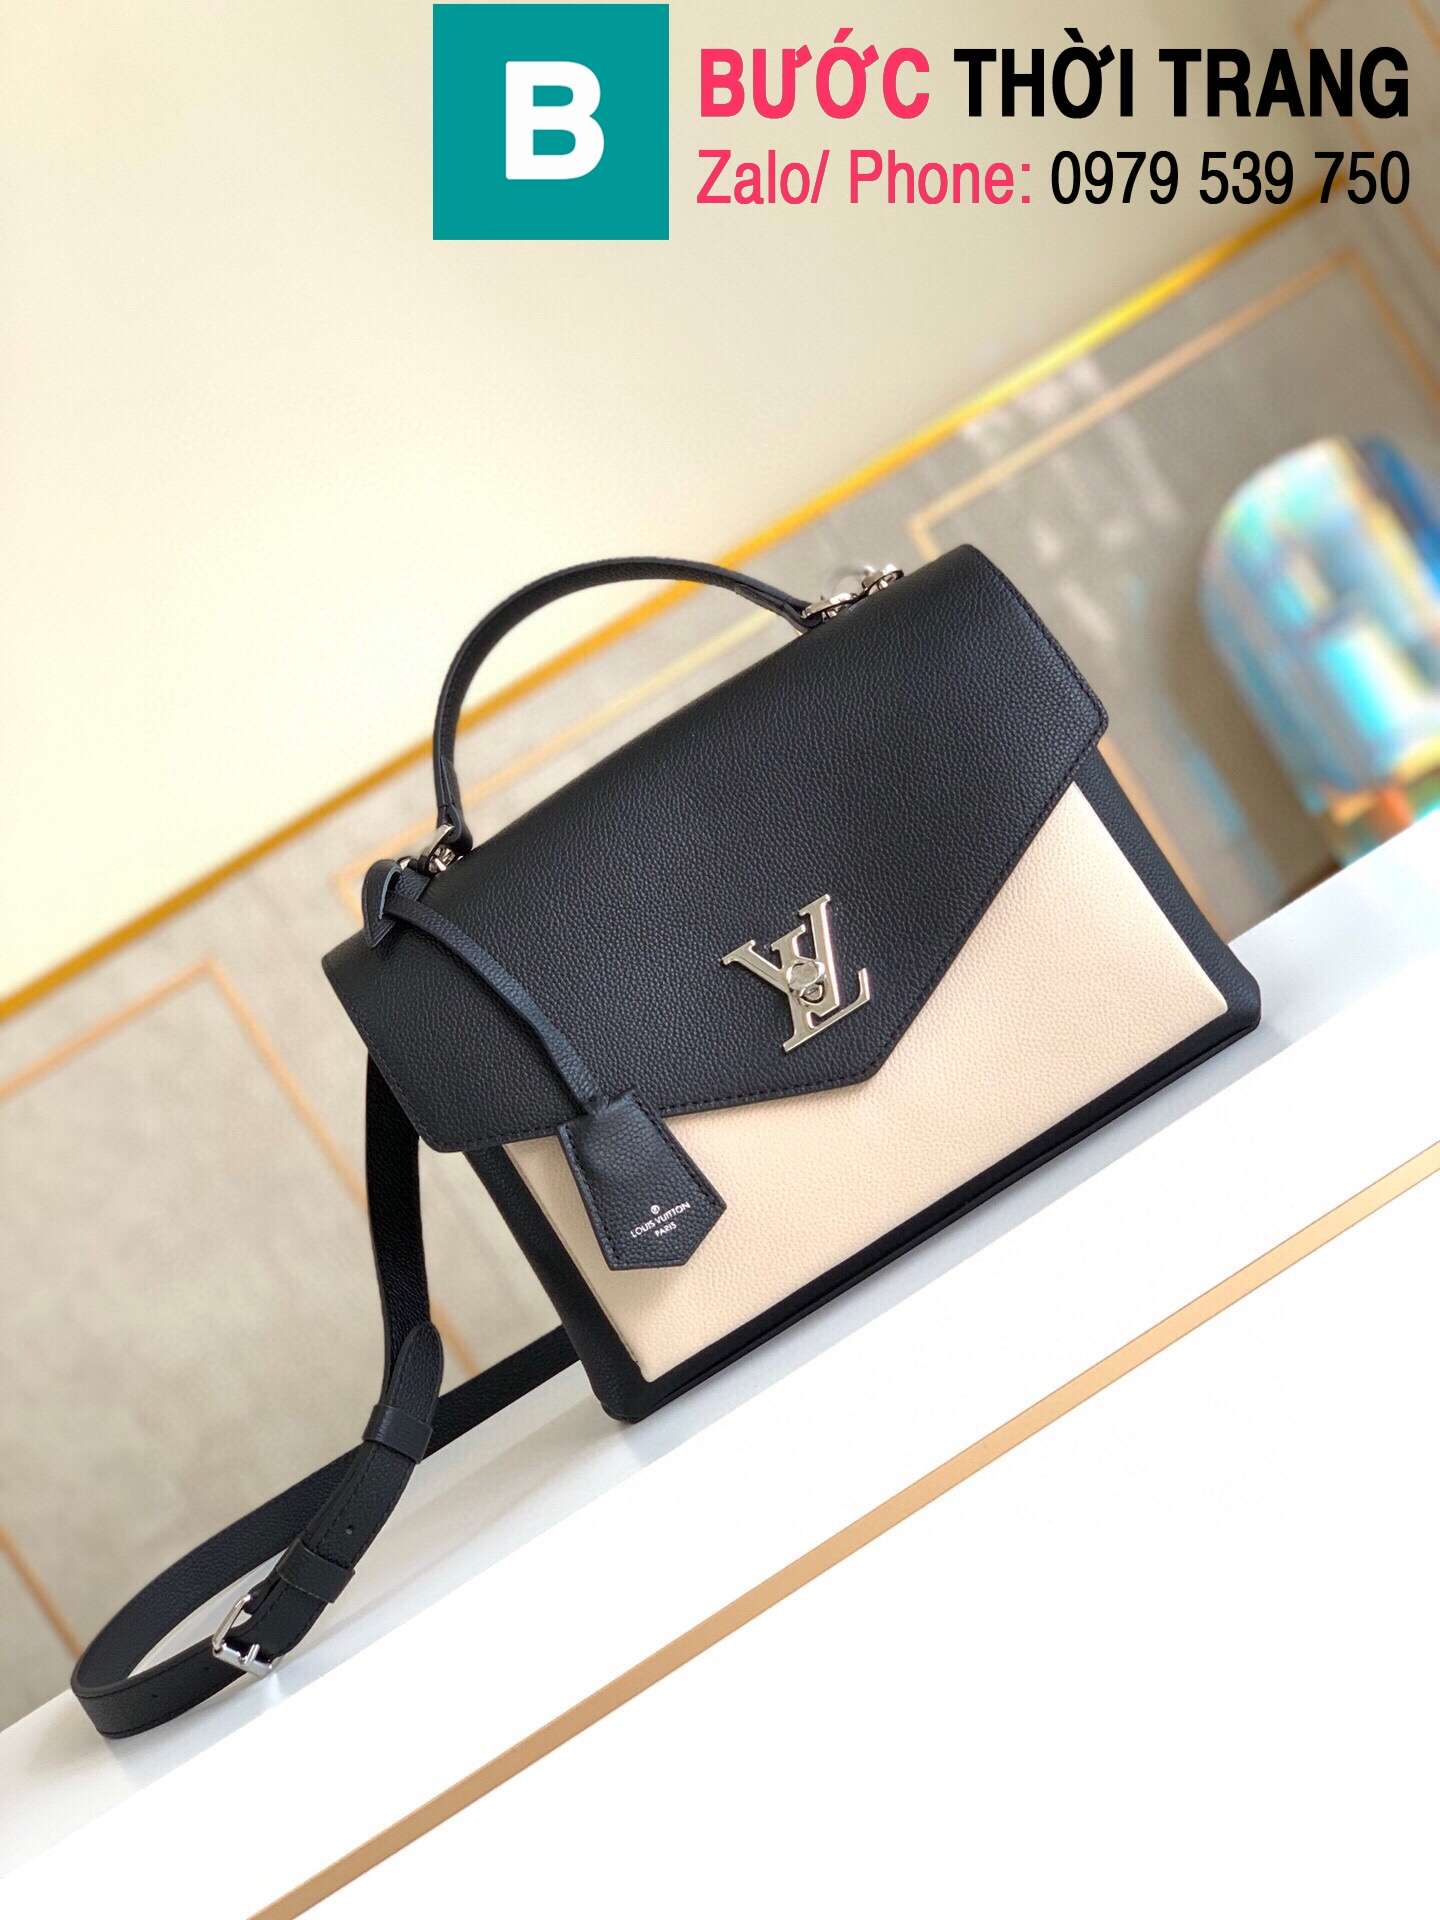 Túi xách Louis Vuitton Mylockme (19)